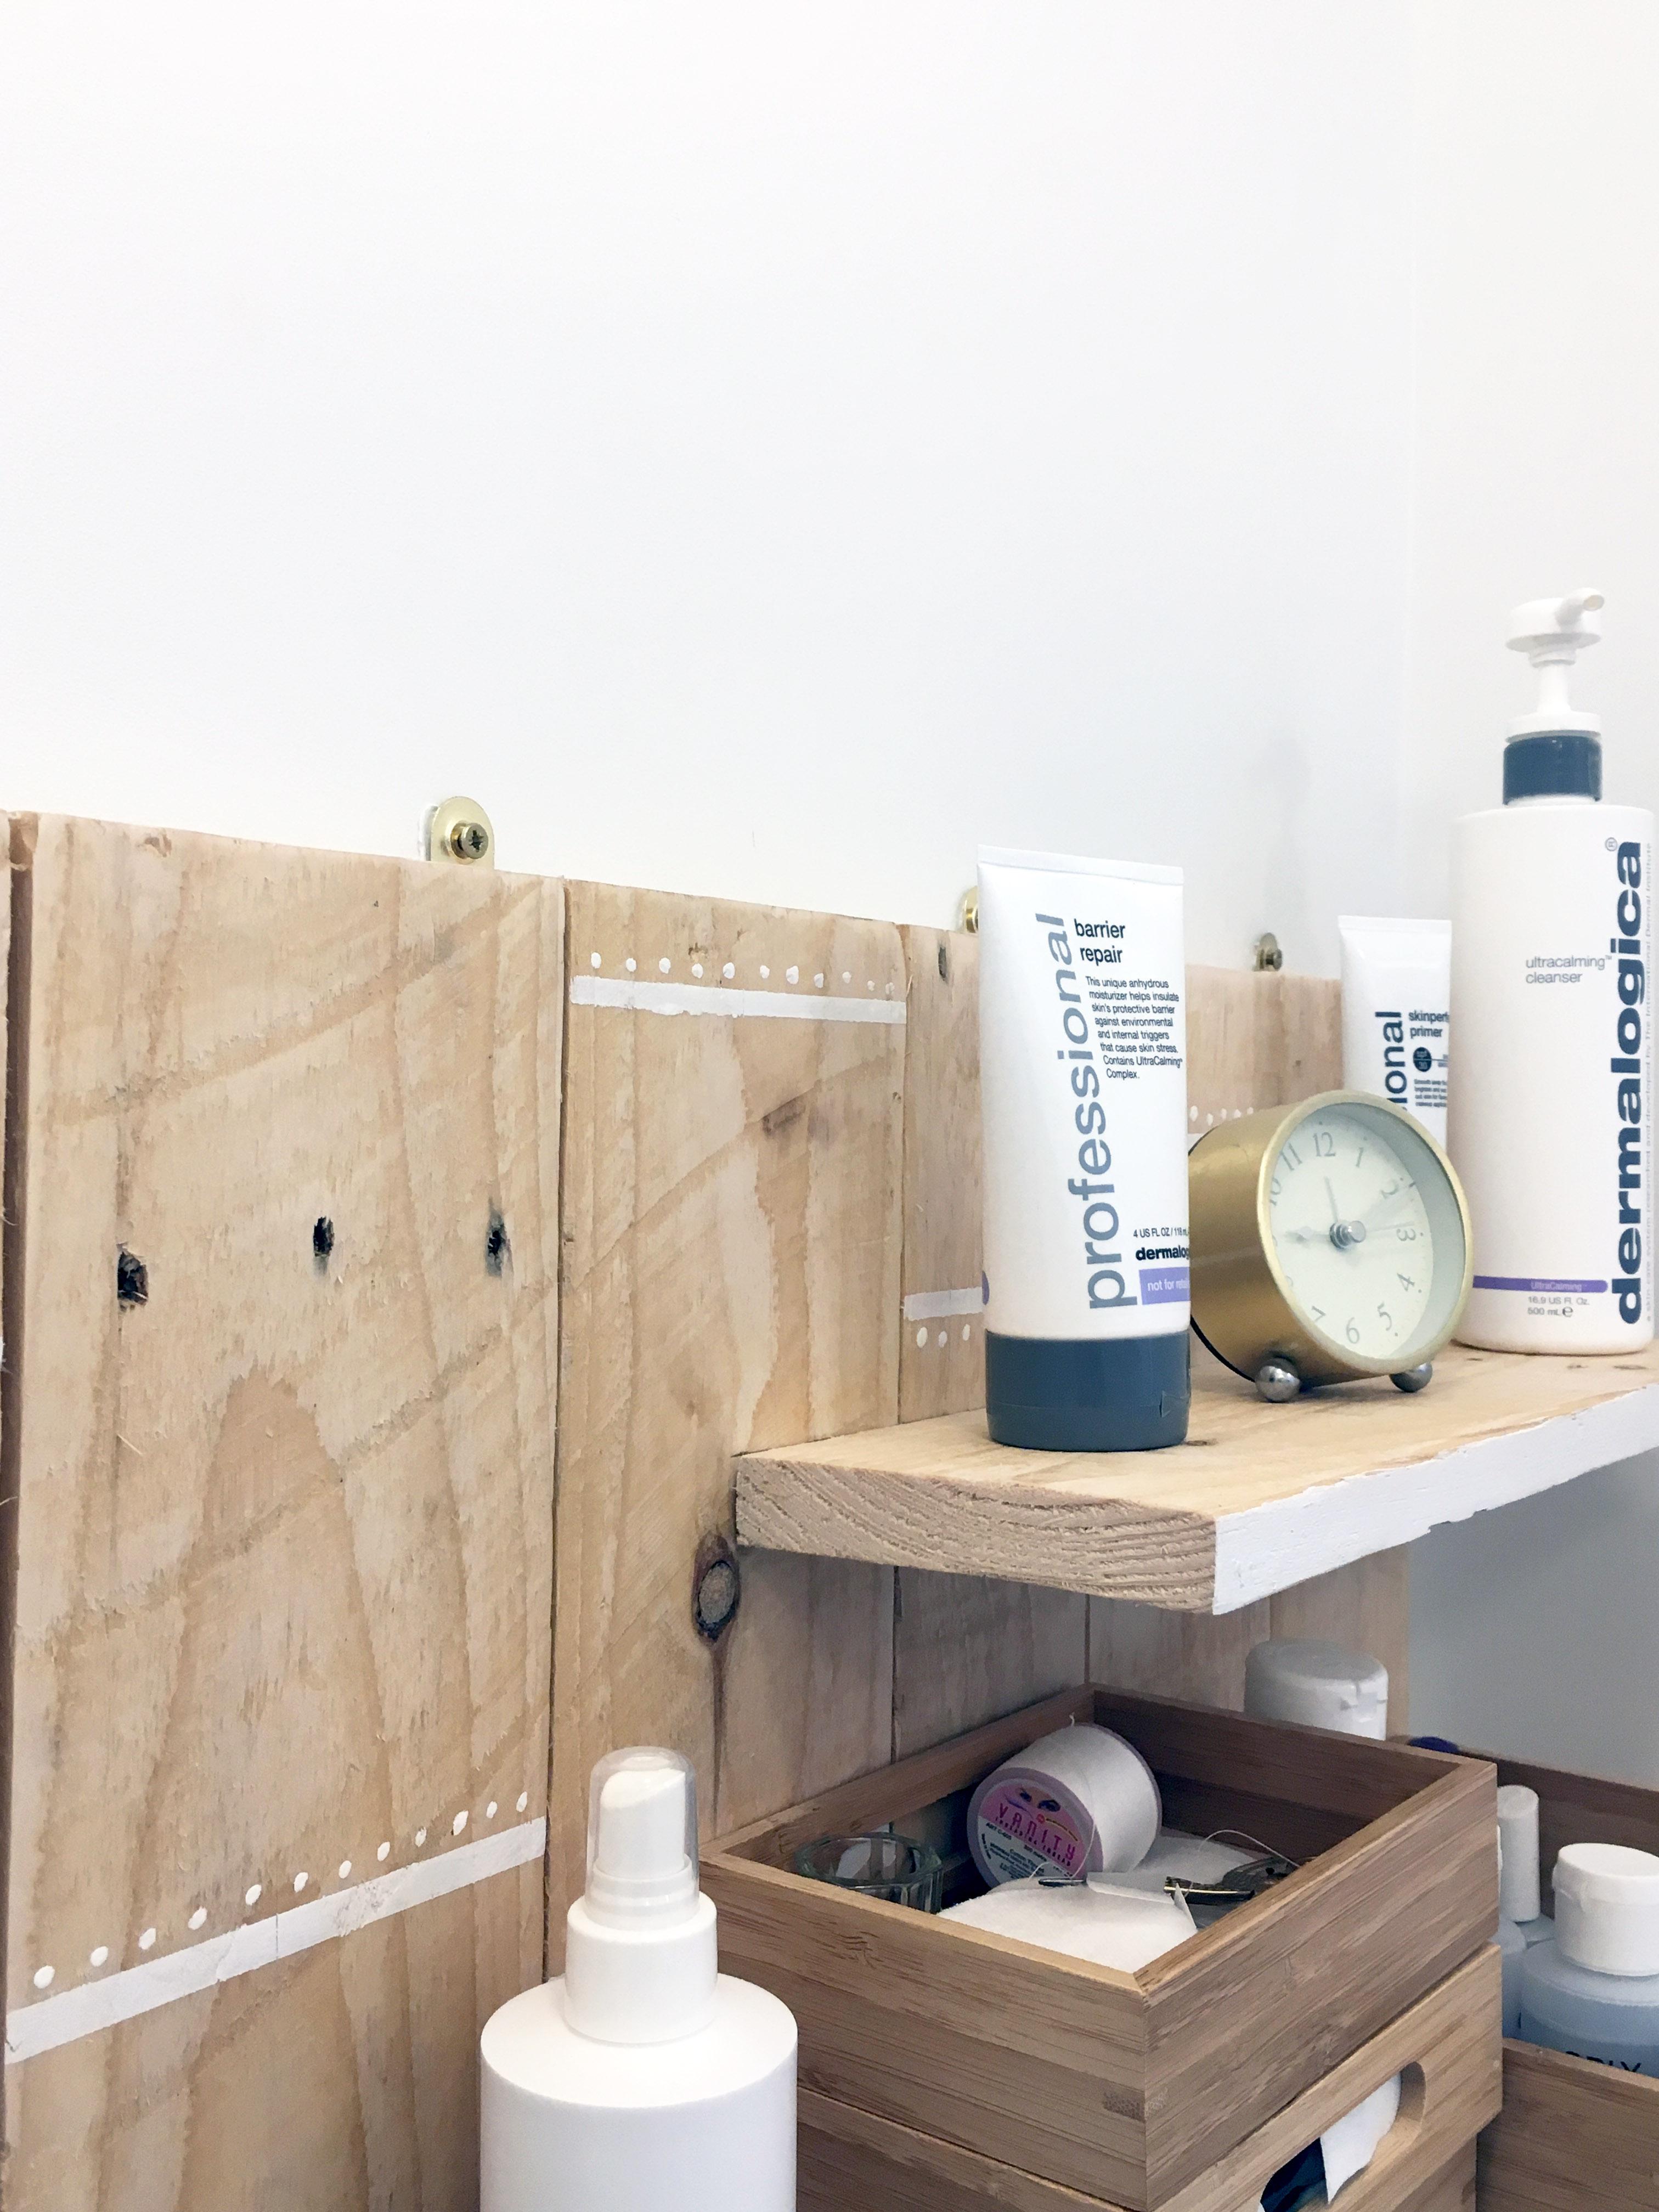 Reclaimed trinket shelves